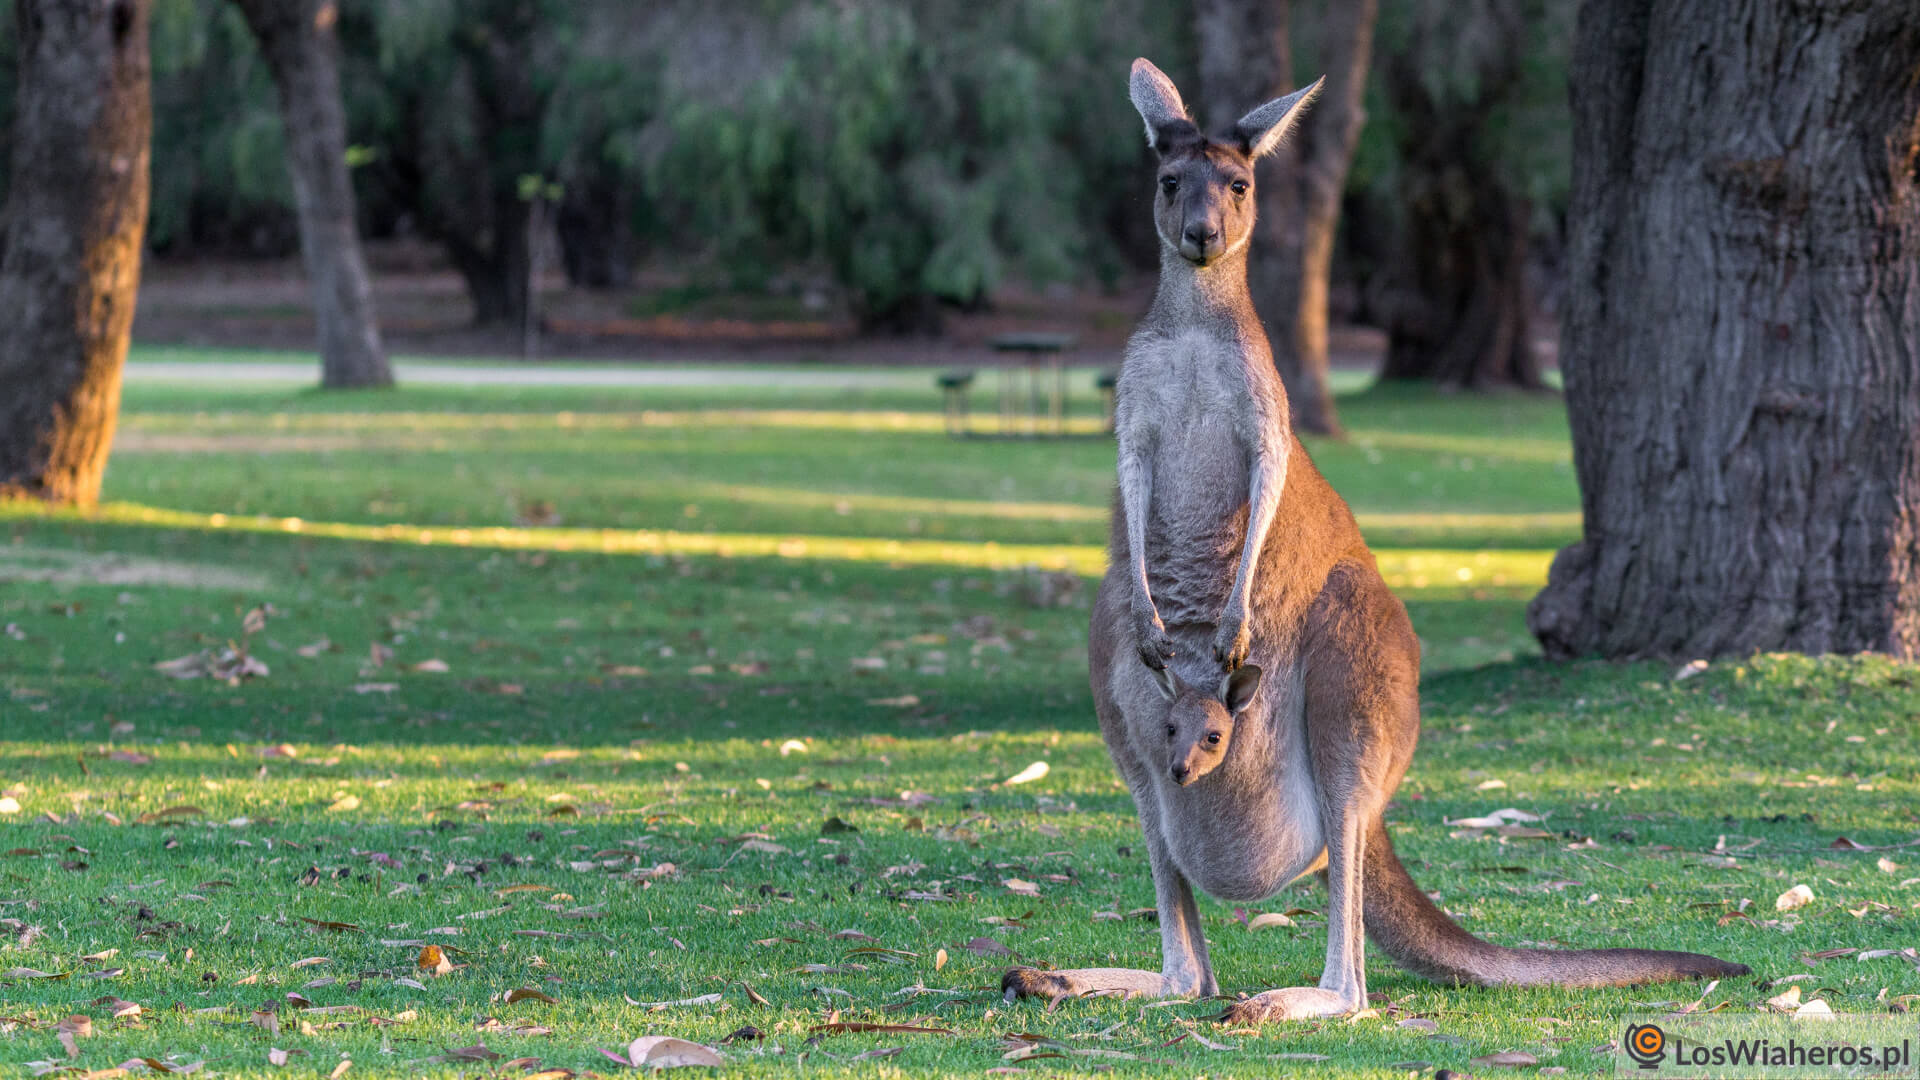 Kangurzyca z małym kangurkiem w torbie.